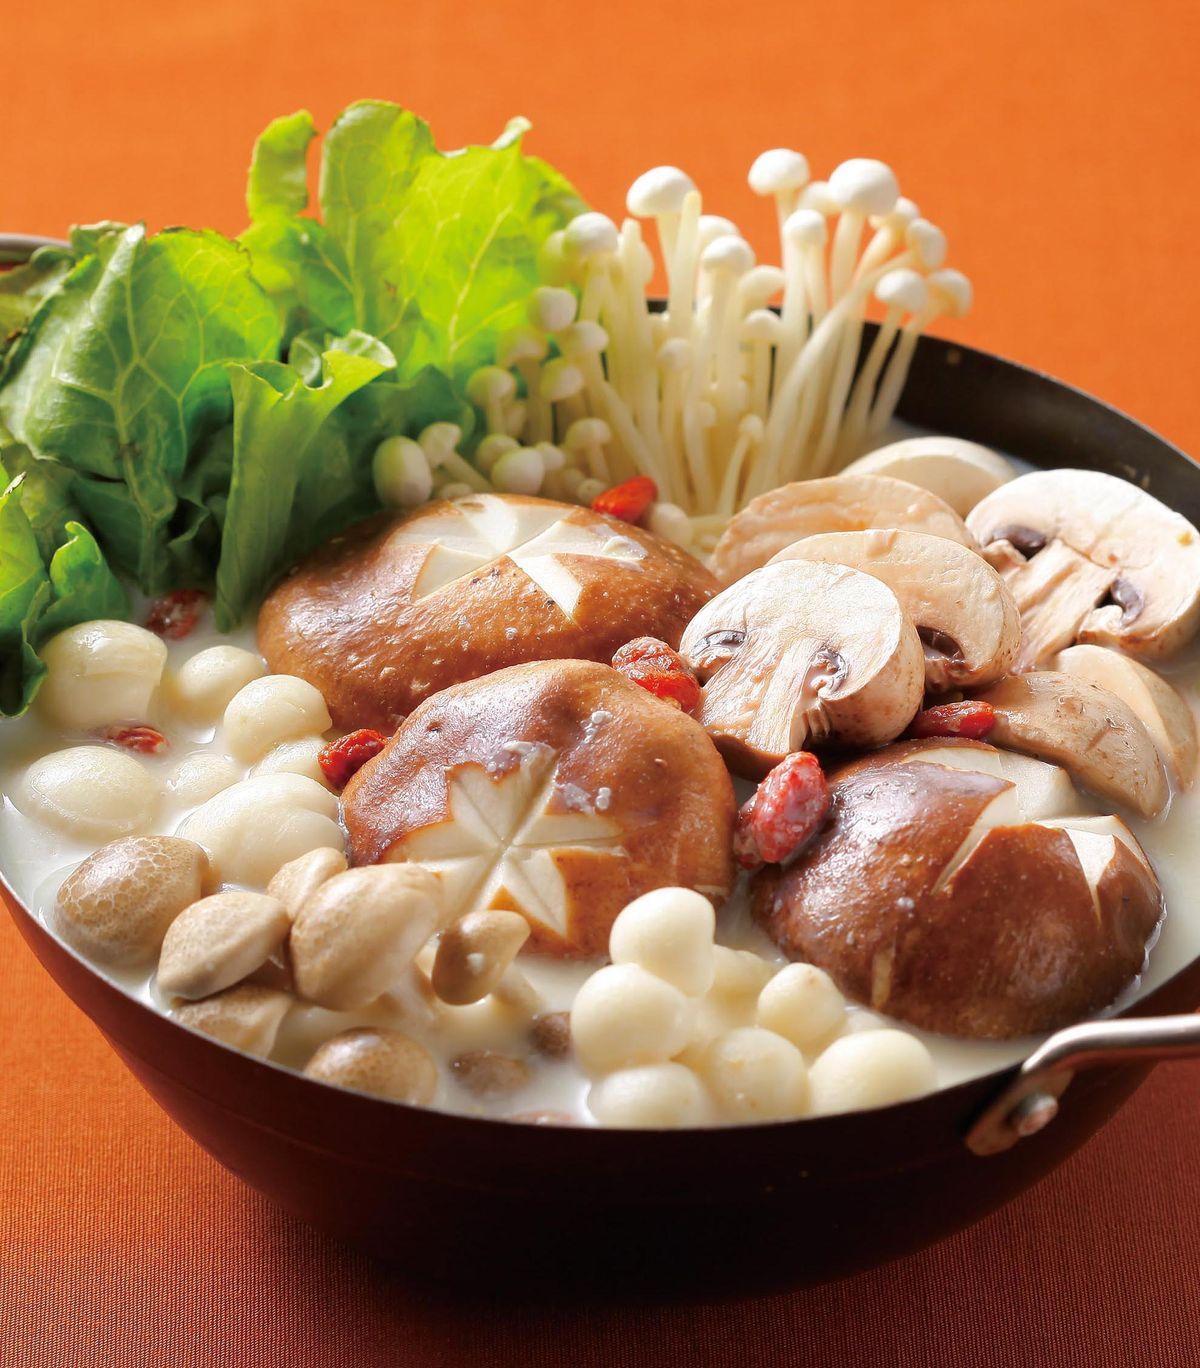 食譜:豆漿菇菇鍋